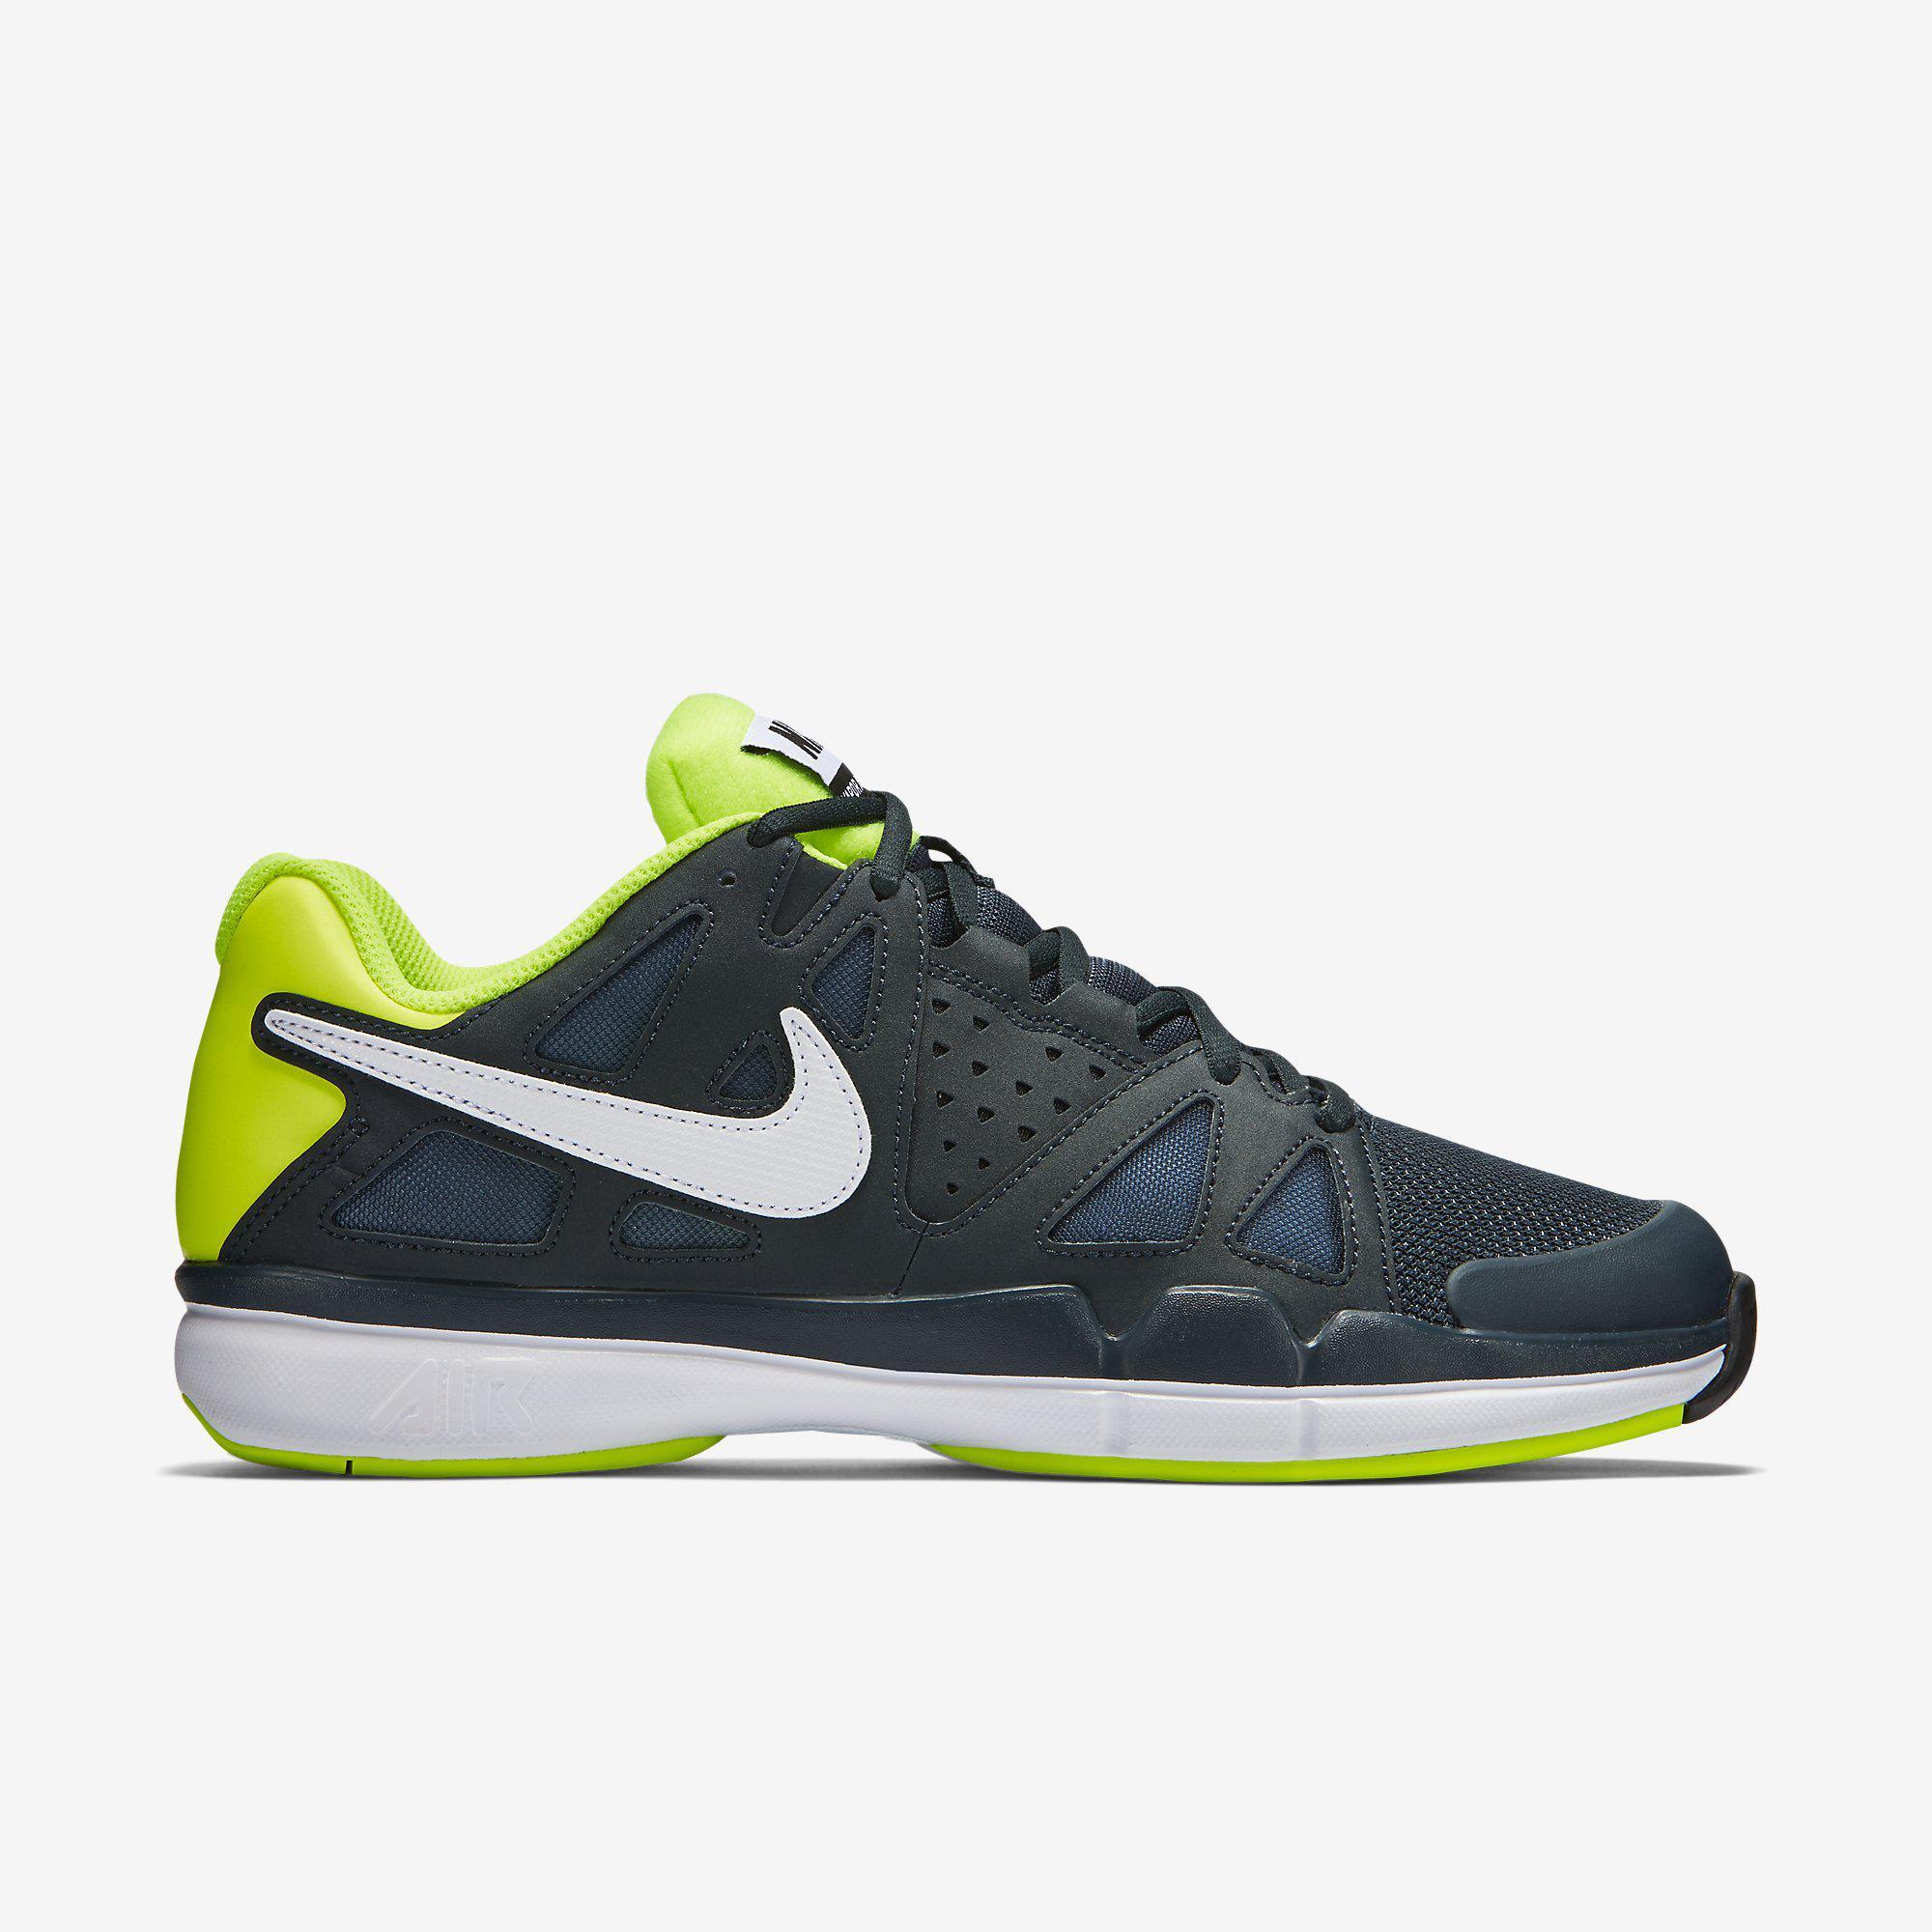 264b2a5fbb80 Nike Mens Air Vapor Advantage Tennis Shoes - Classic Charcoal Volt -  Tennisnuts.com